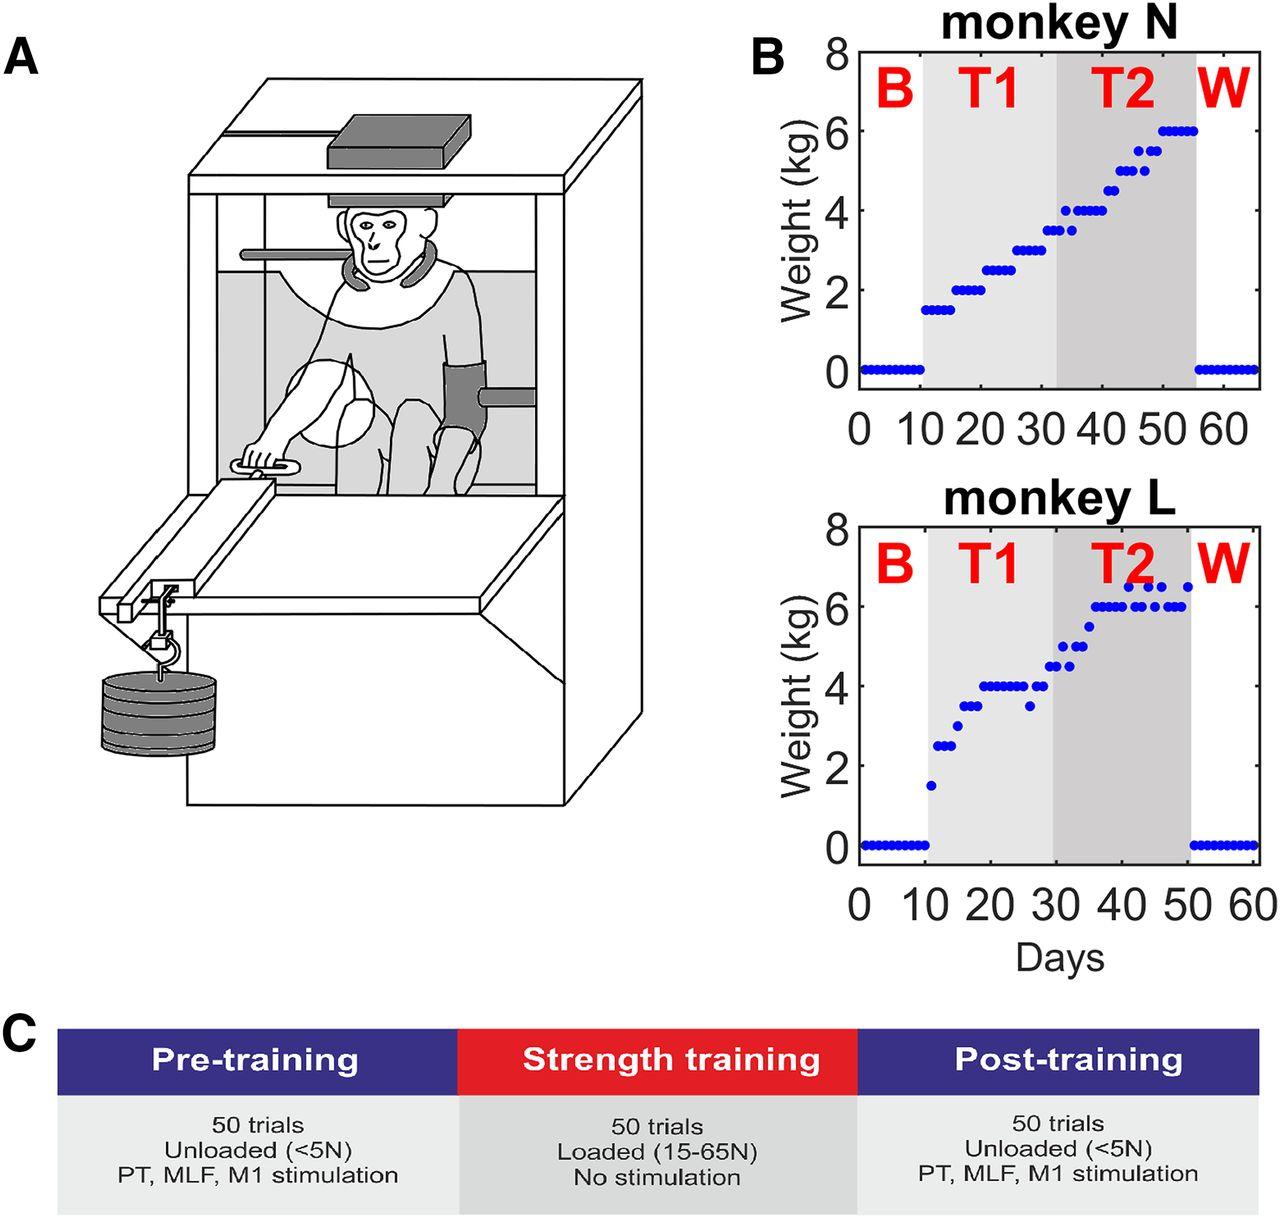 Testing chamber for monkey; https://doi.org/10.1523/JNEUROSCI.1923-19.2020